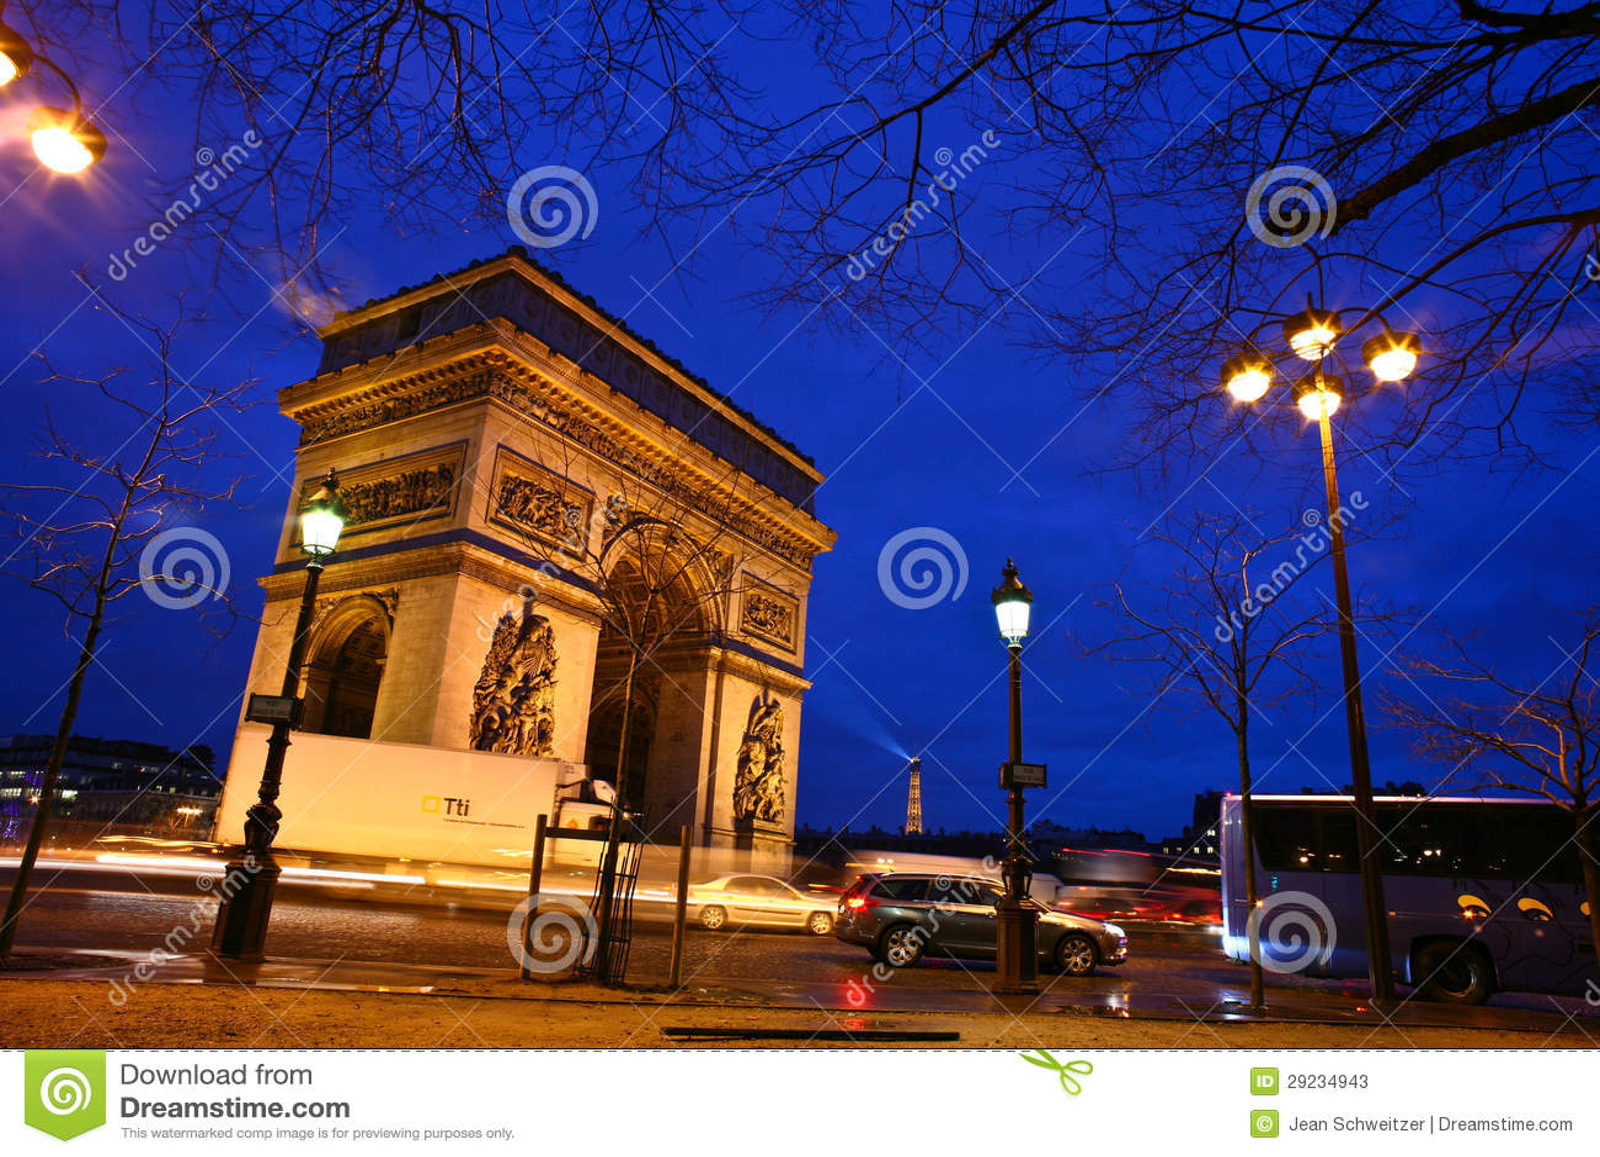 Download Paris etoile foto de stock editorial. Imagem de paris - 29234943